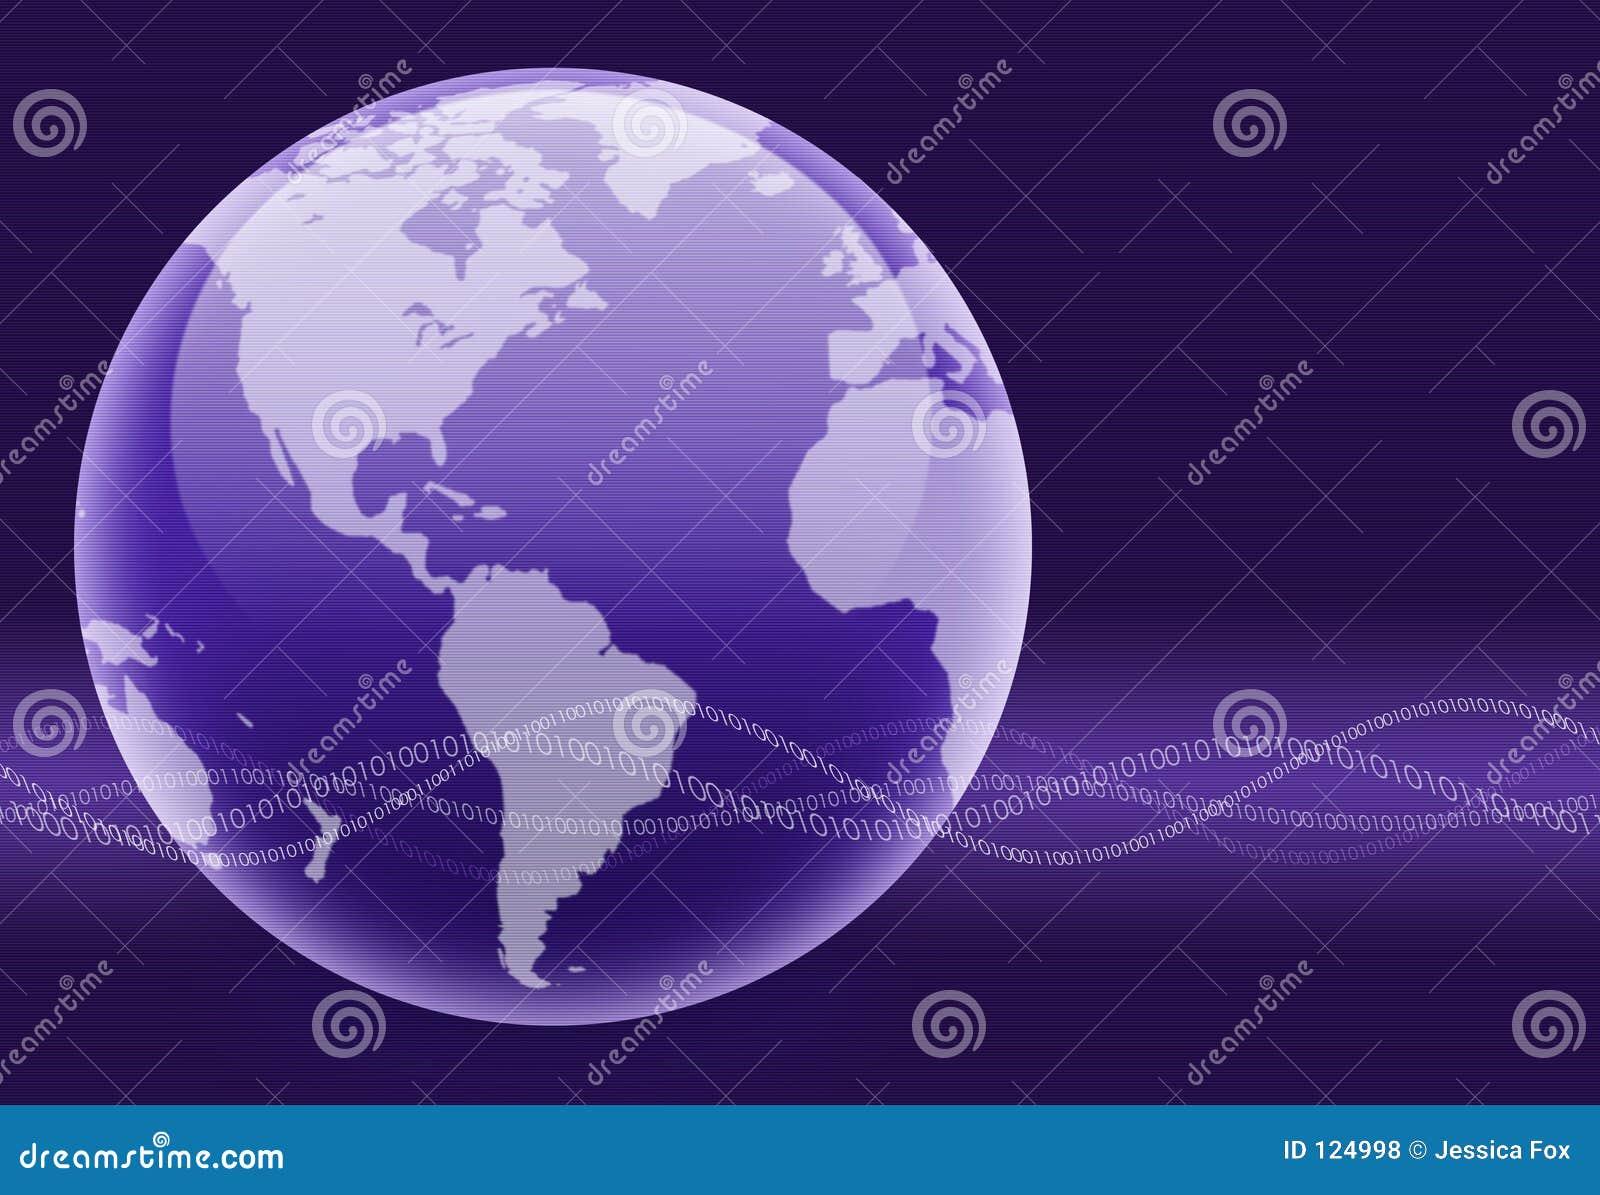 Purpur wave för binärt jordklot